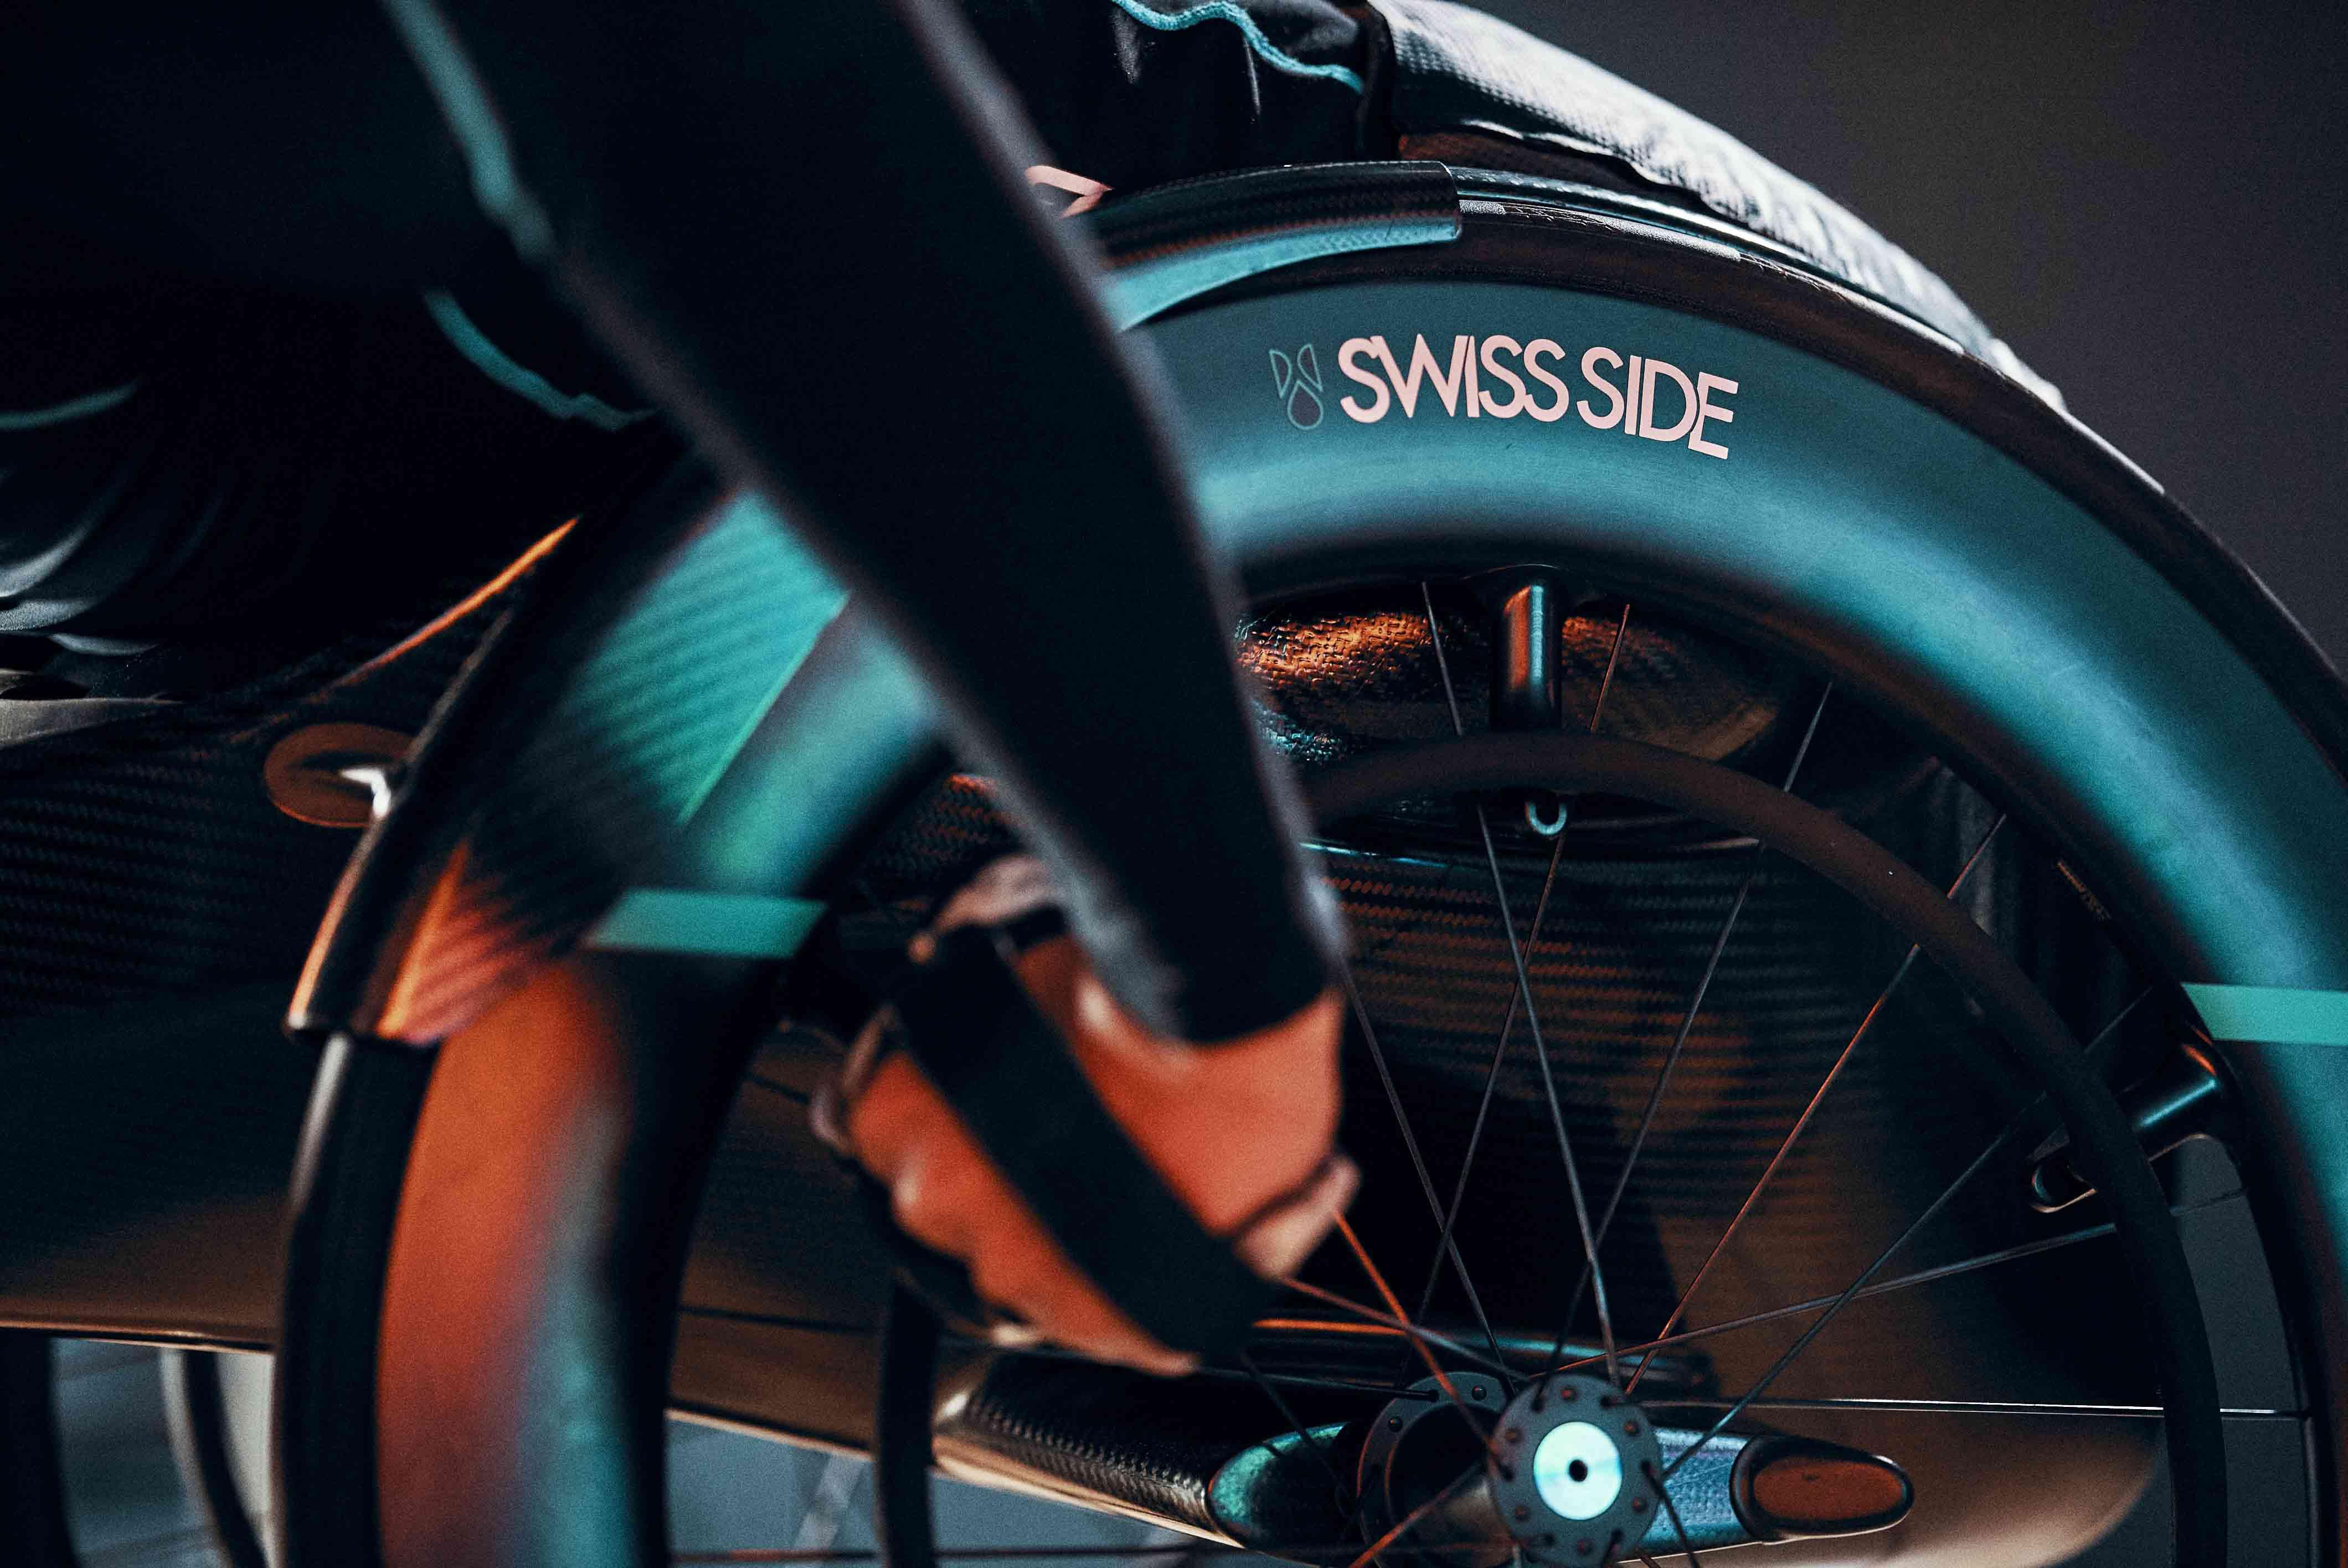 Swiss Side Laufrad für OT FOXX